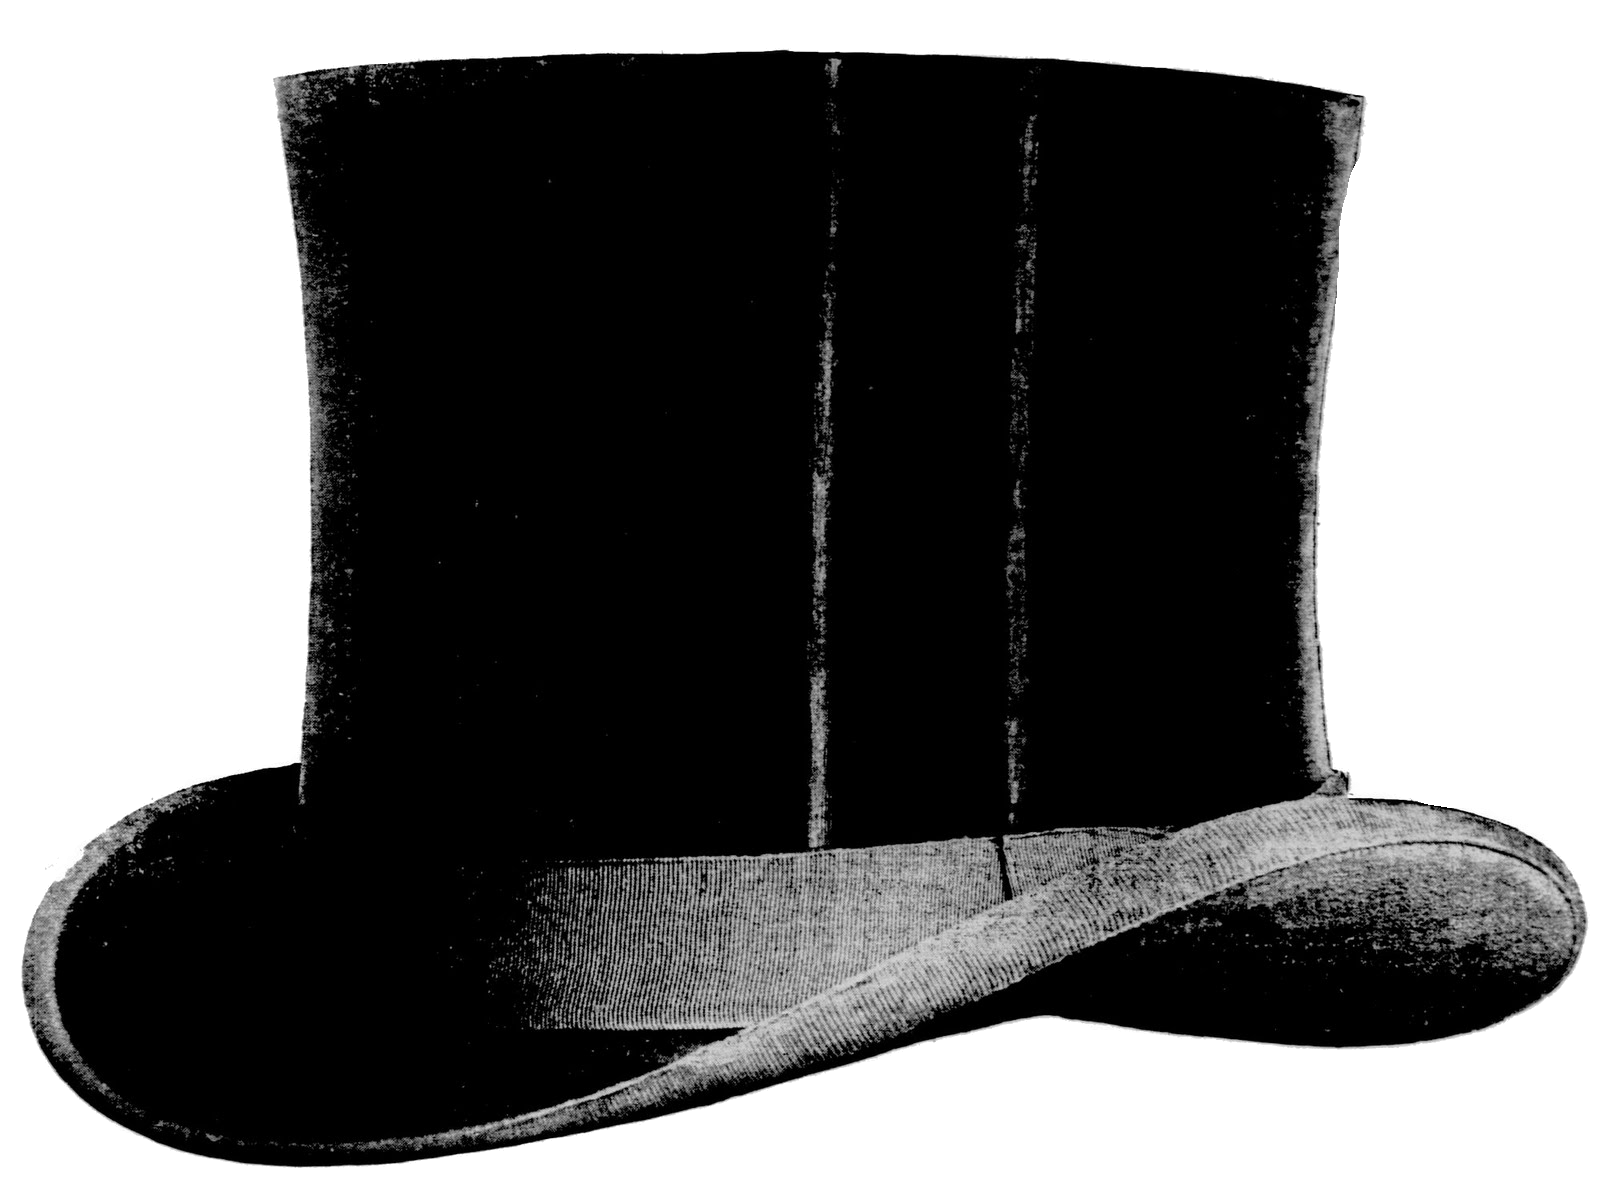 ladies hat clip art free | vintage hat clip art, Victorian ...  |Vintage Hat Art